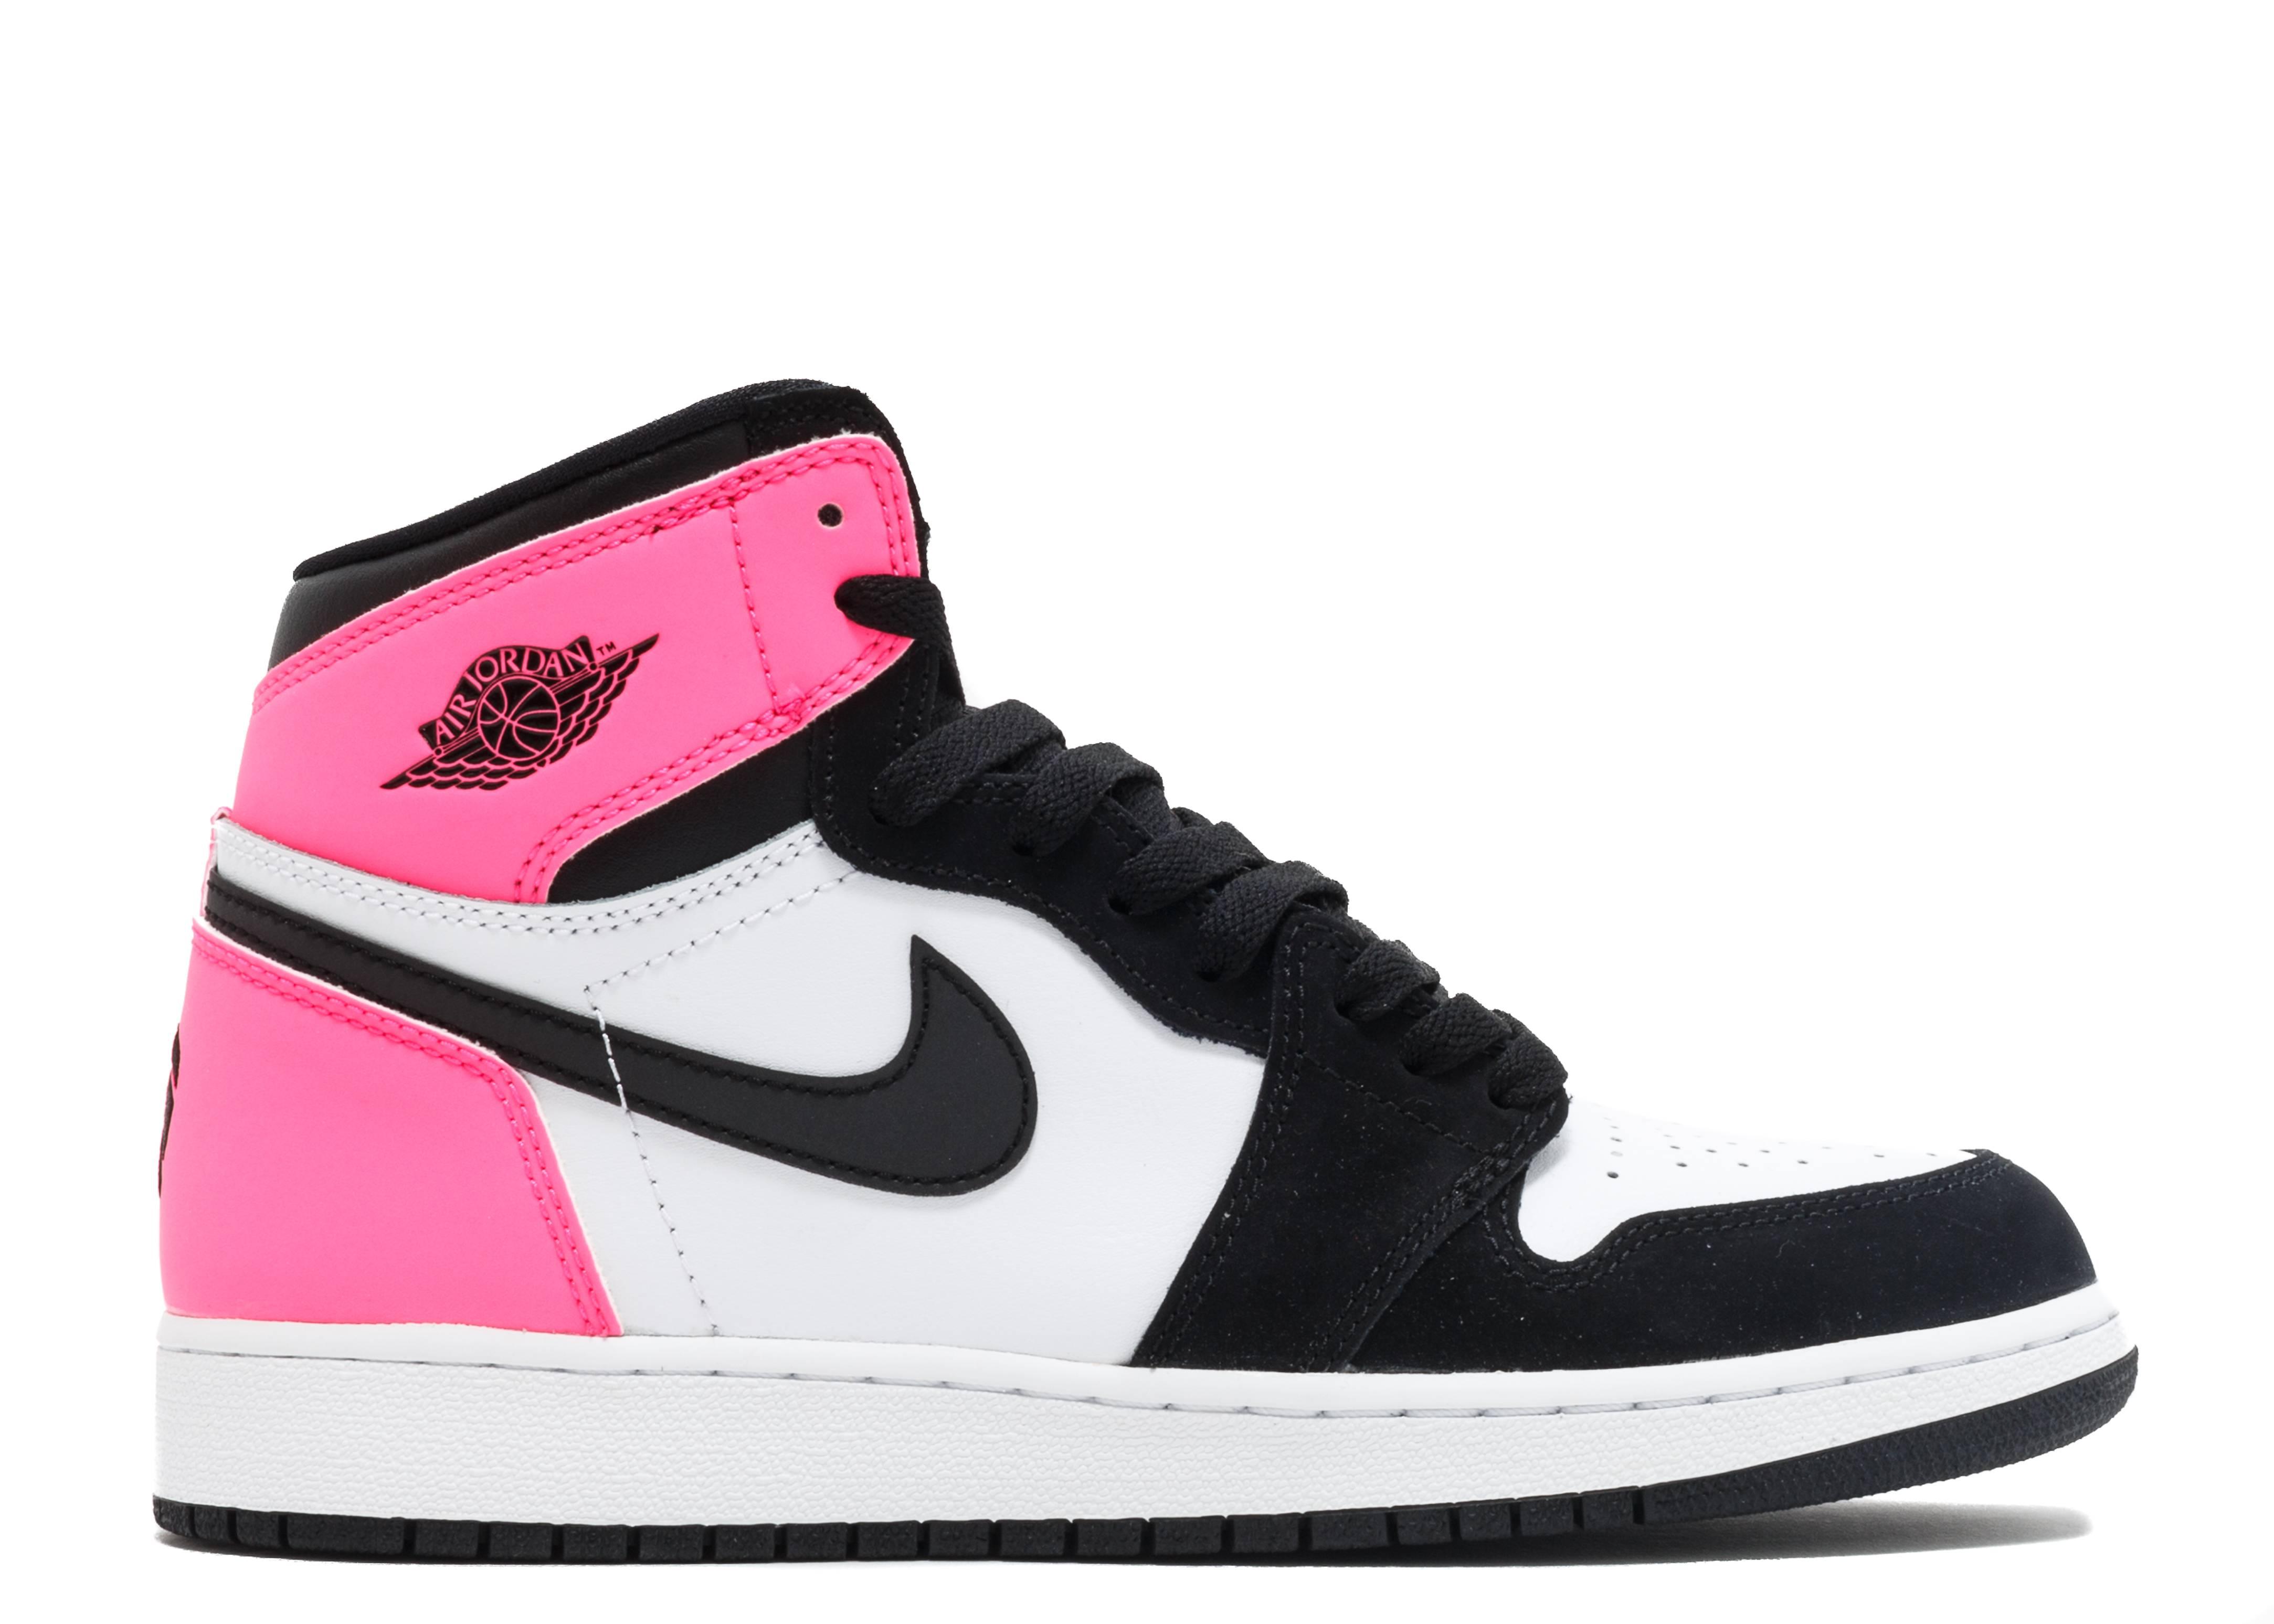 air jordan 1 retro high og gg (gs) black/black-hyper pink-white